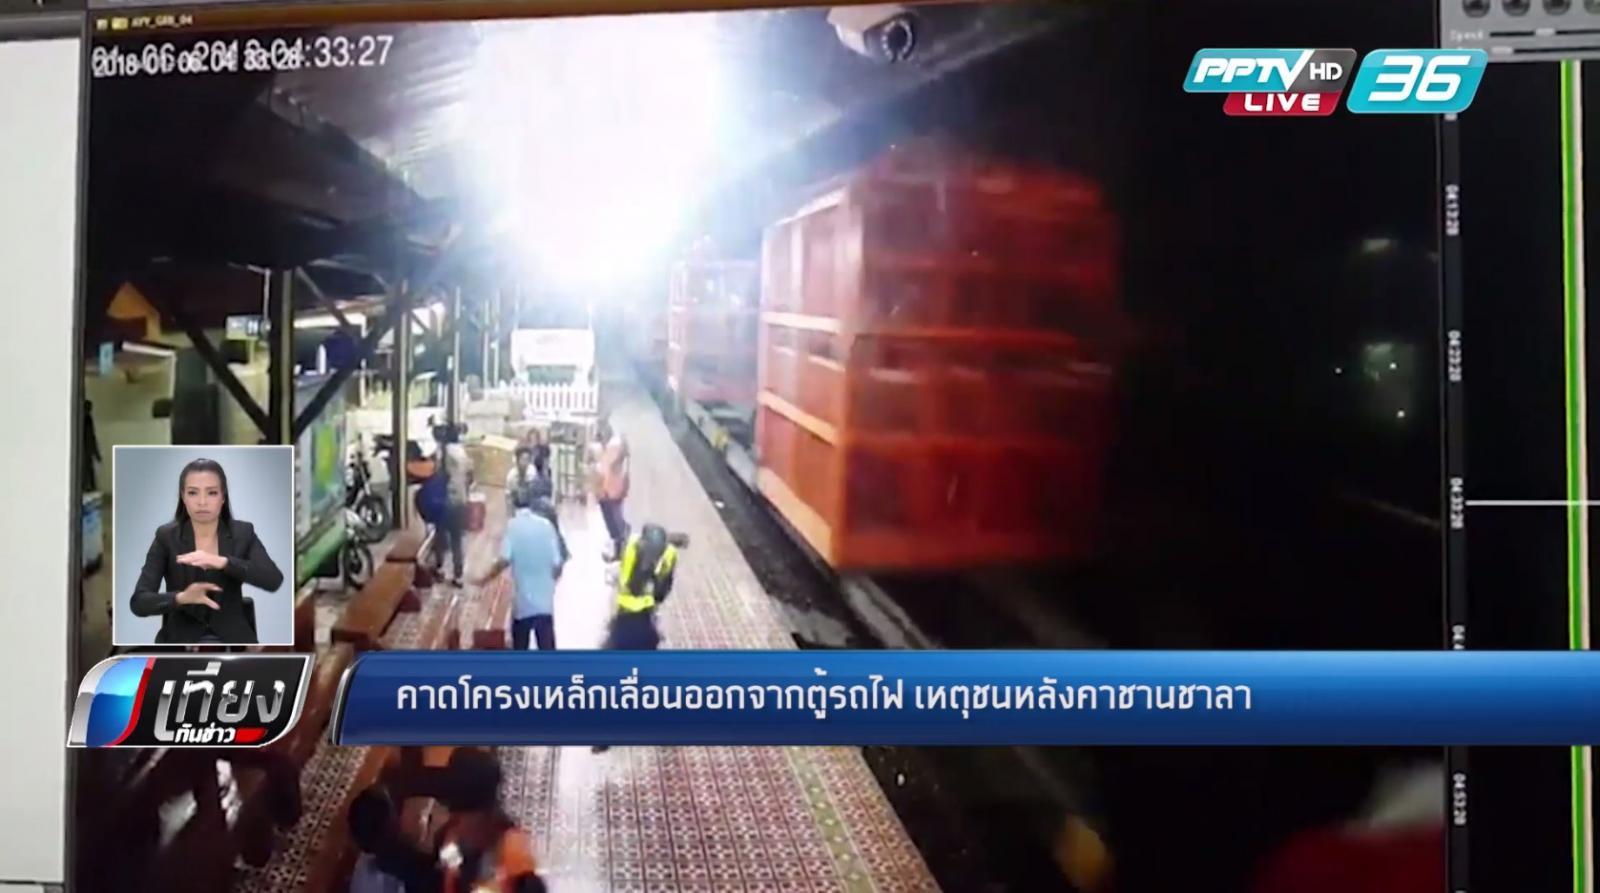 """เจ้าหน้าที่คาด """"โครงเหล็ก"""" เลื่อนออกจากตู้รถไฟทำให้ชนหลังคาชานชาลา"""